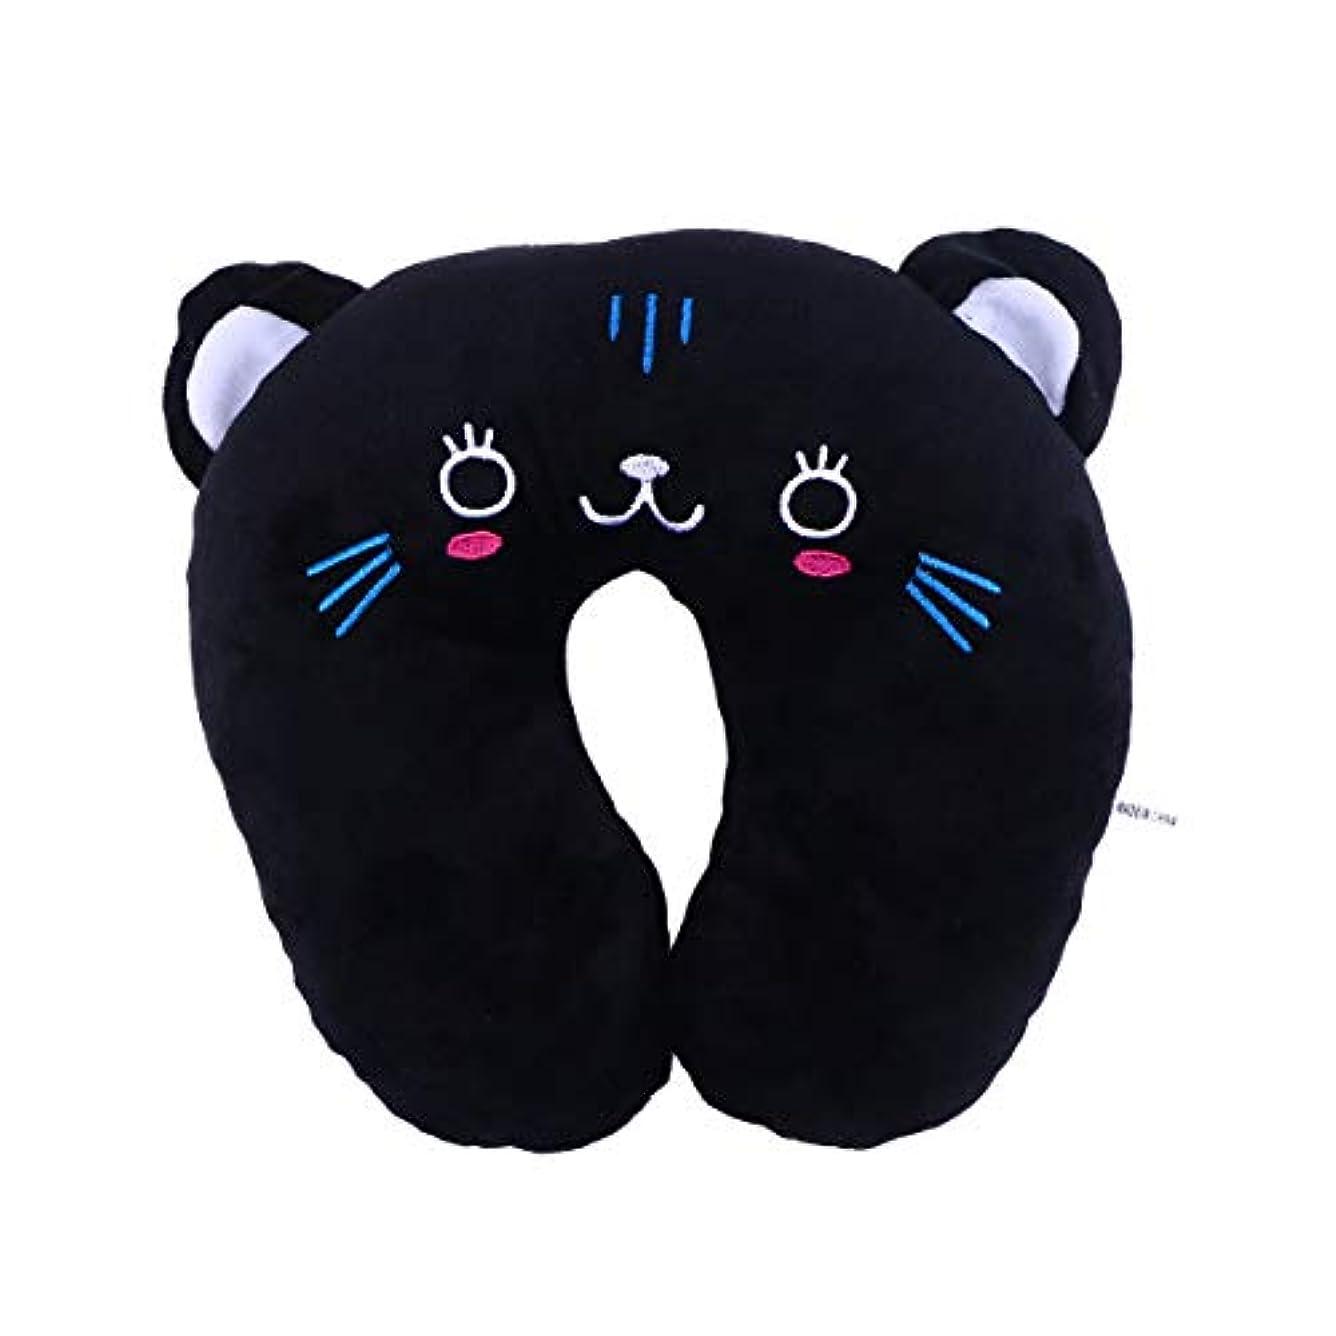 四回ラダ領域HEALIFTY 首牽引枕漫画ぬいぐるみU字型枕首サポートクッション旅行枕飛行機のための車(黒猫)